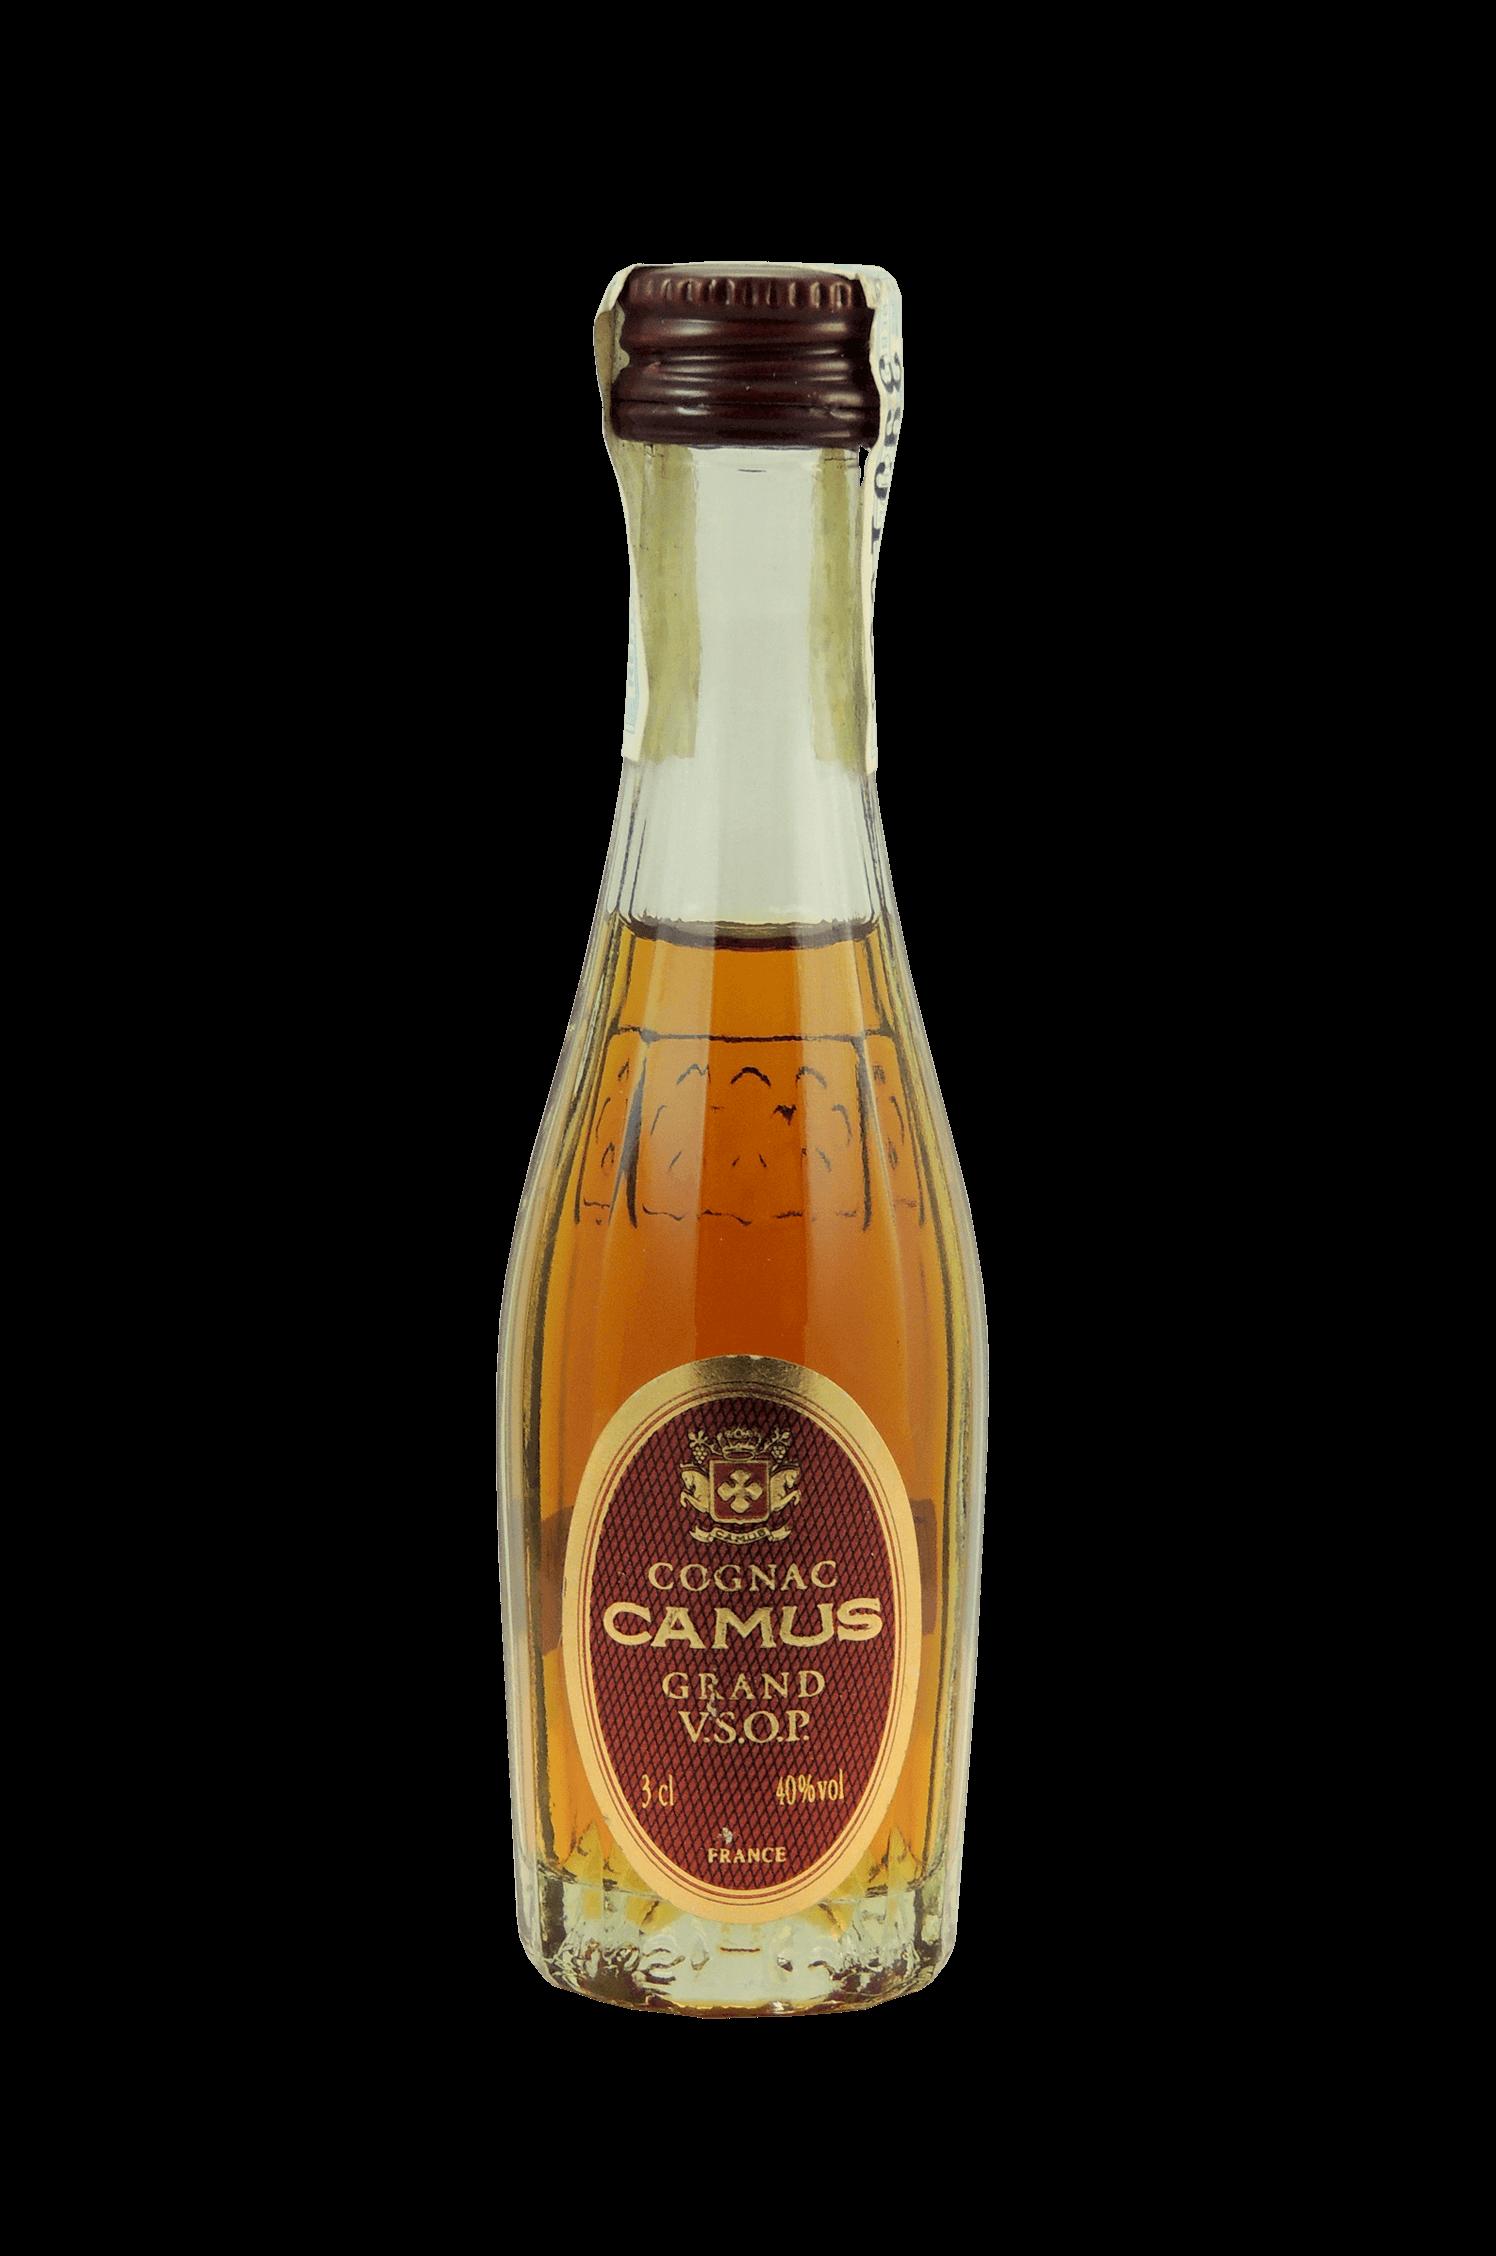 Cognac Camus Grand V.S.O.P.